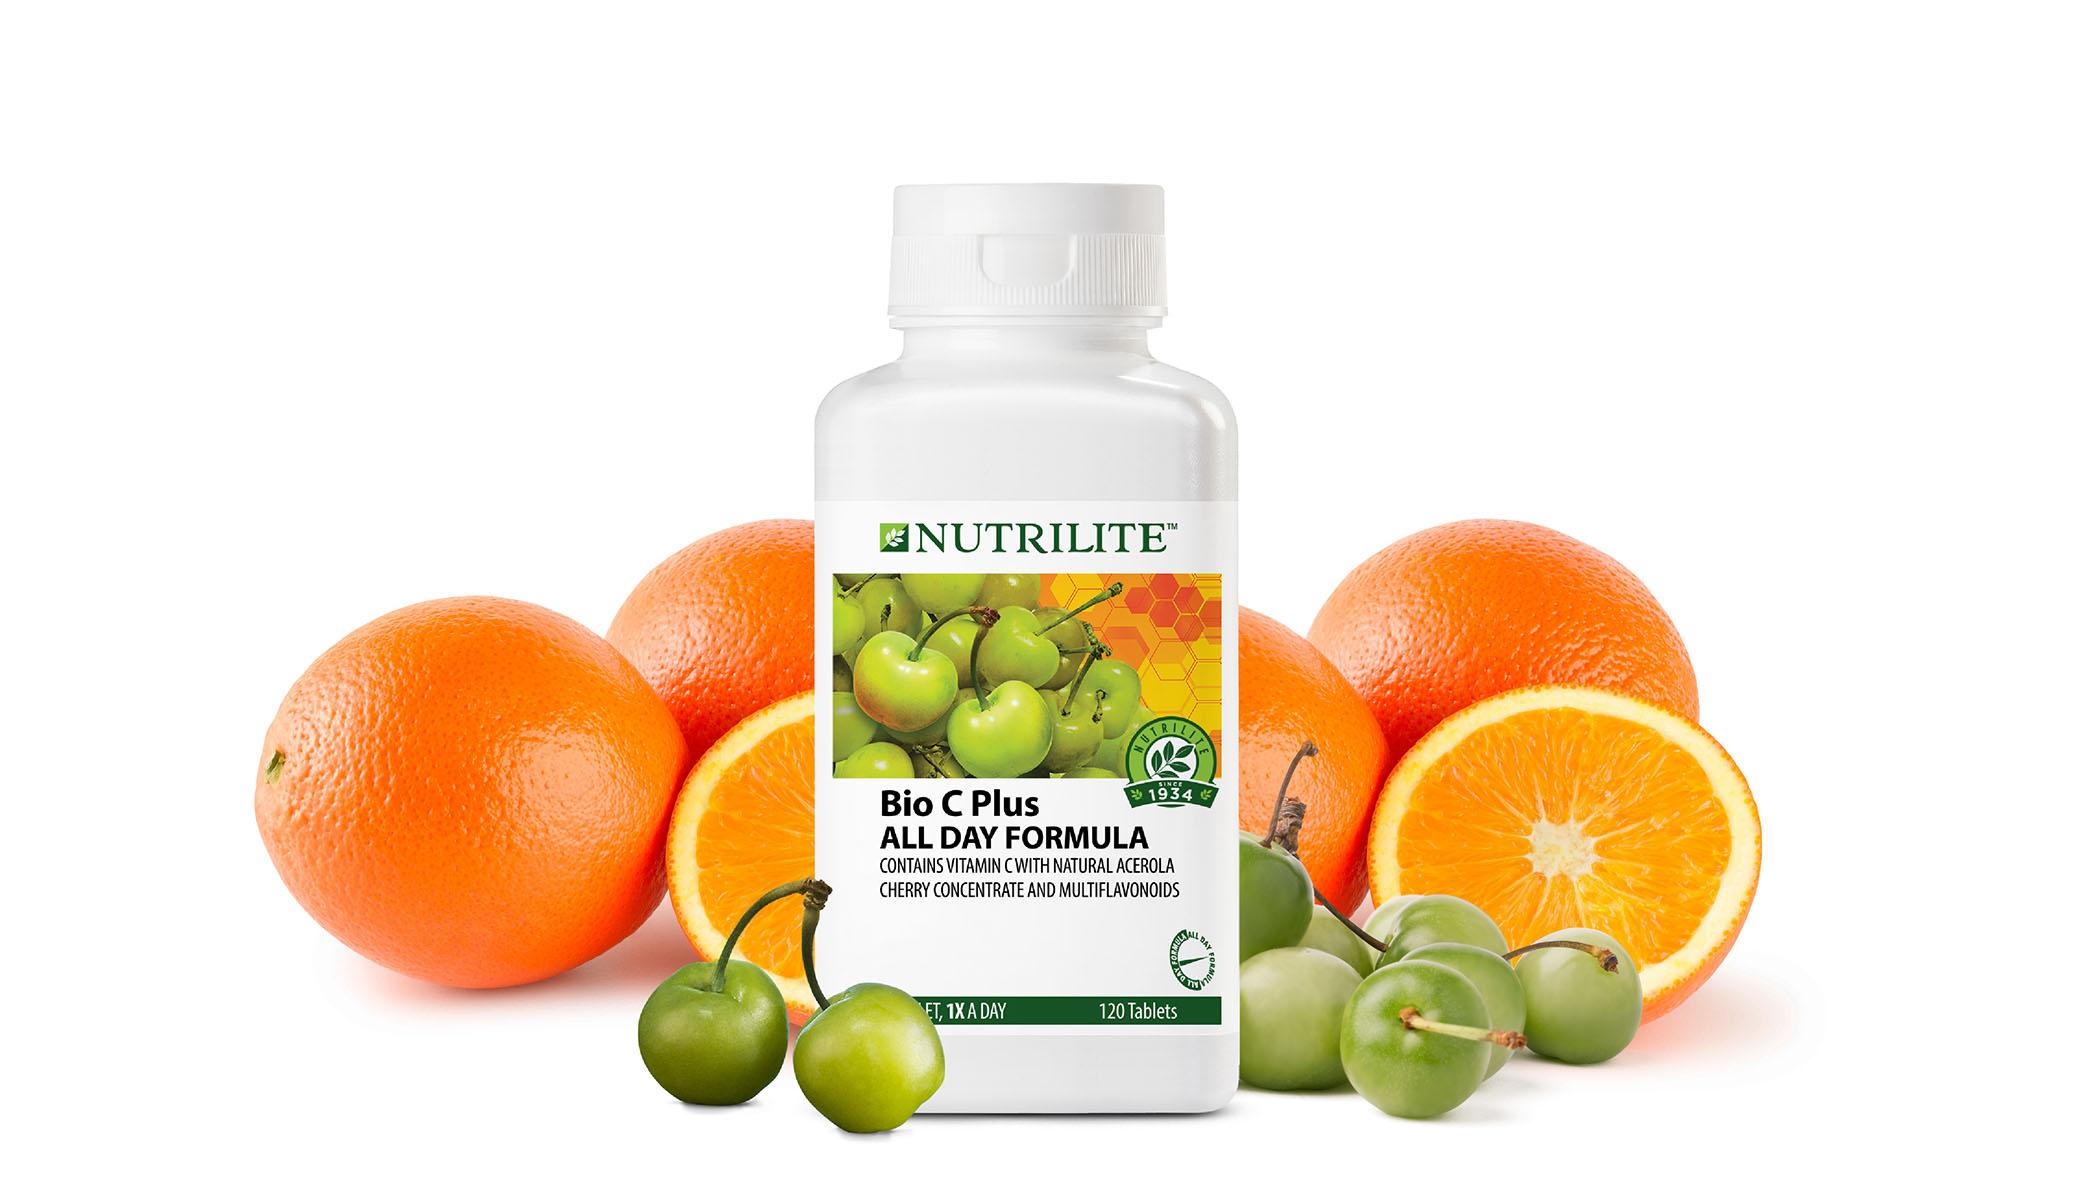 NU_vitaminC_1stpic.jpg